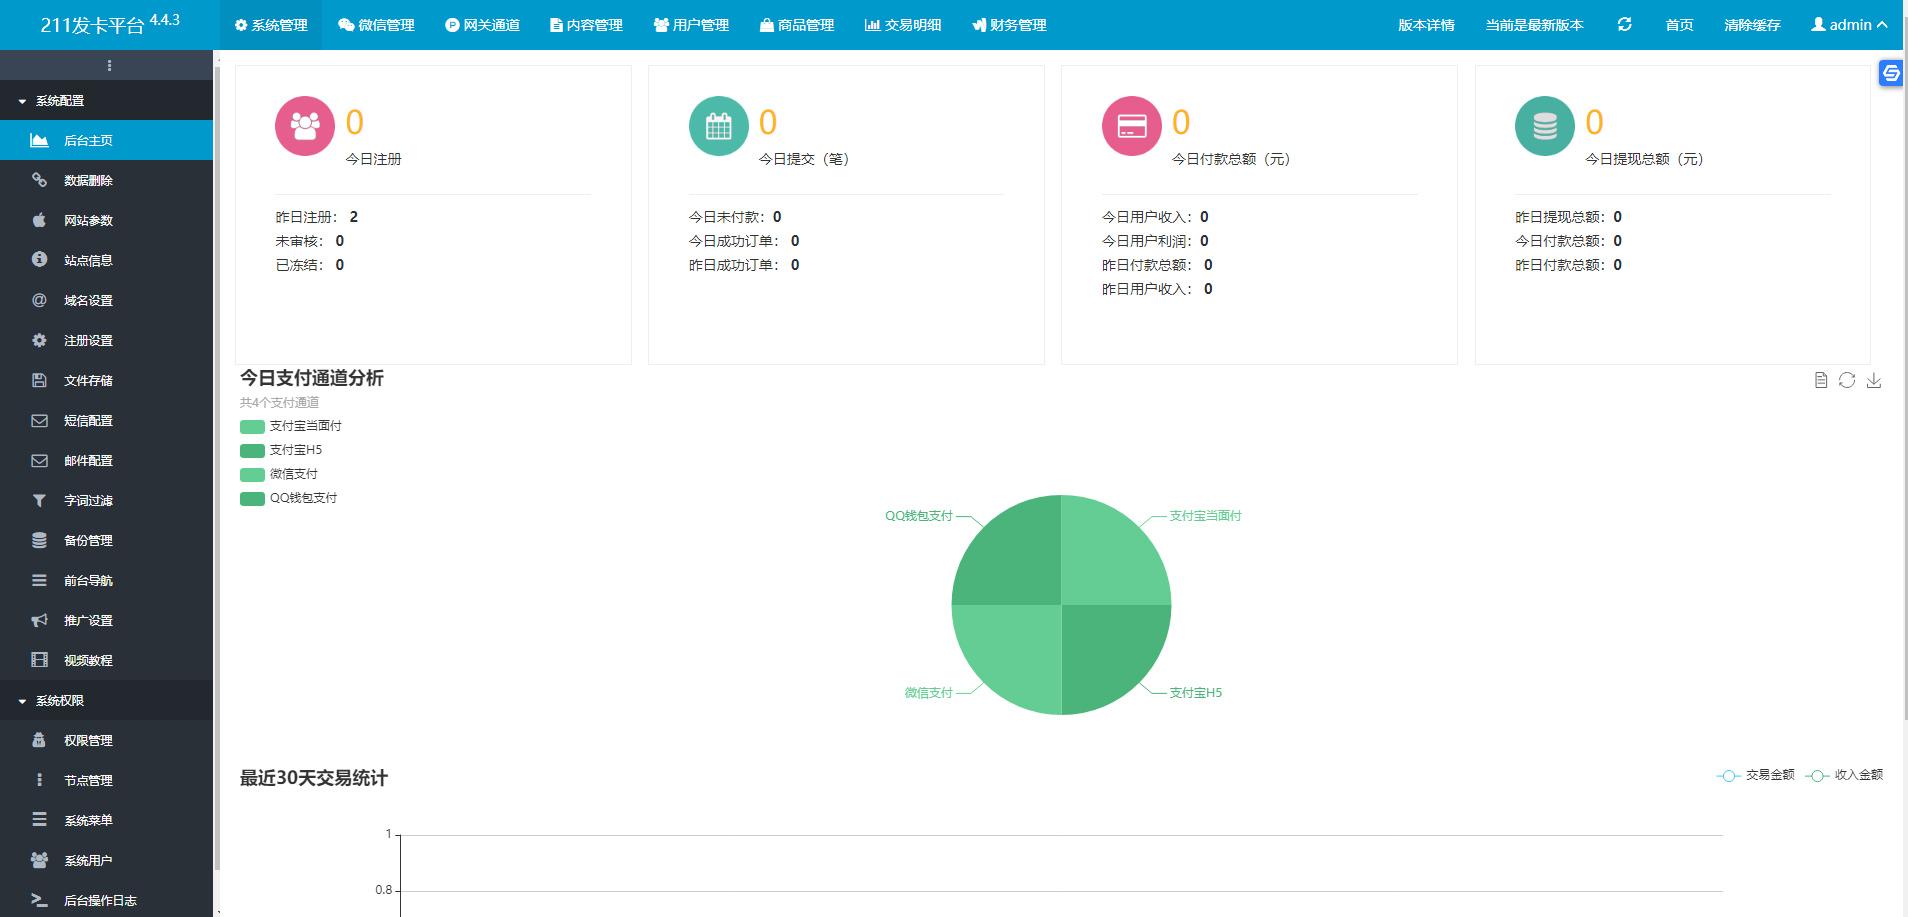 【PHP发卡系统】API代理营销版自动发卡平台系统程序源码4.4.3版开心版-找主题源码